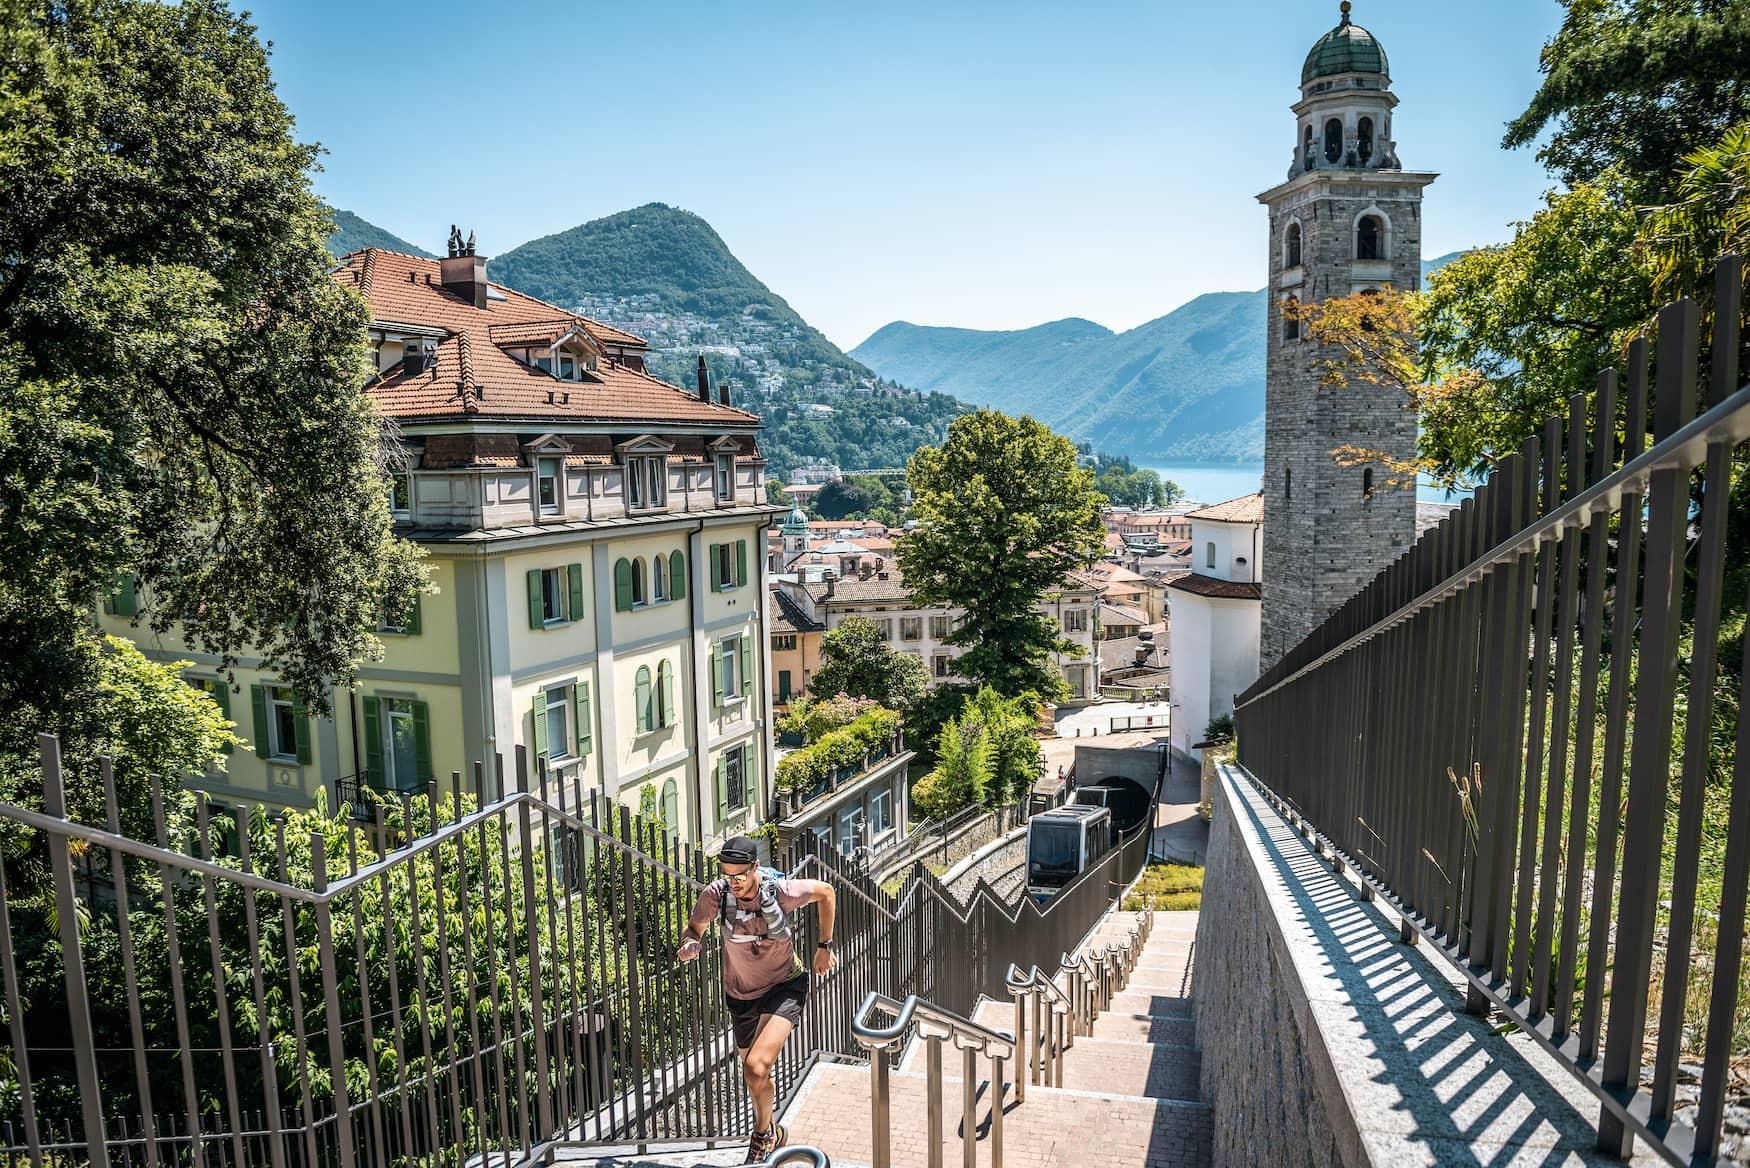 Extremsportler Filippo Rossi joggt die Treppen neben dem Funicolare hinauf, Lugano, Schweiz